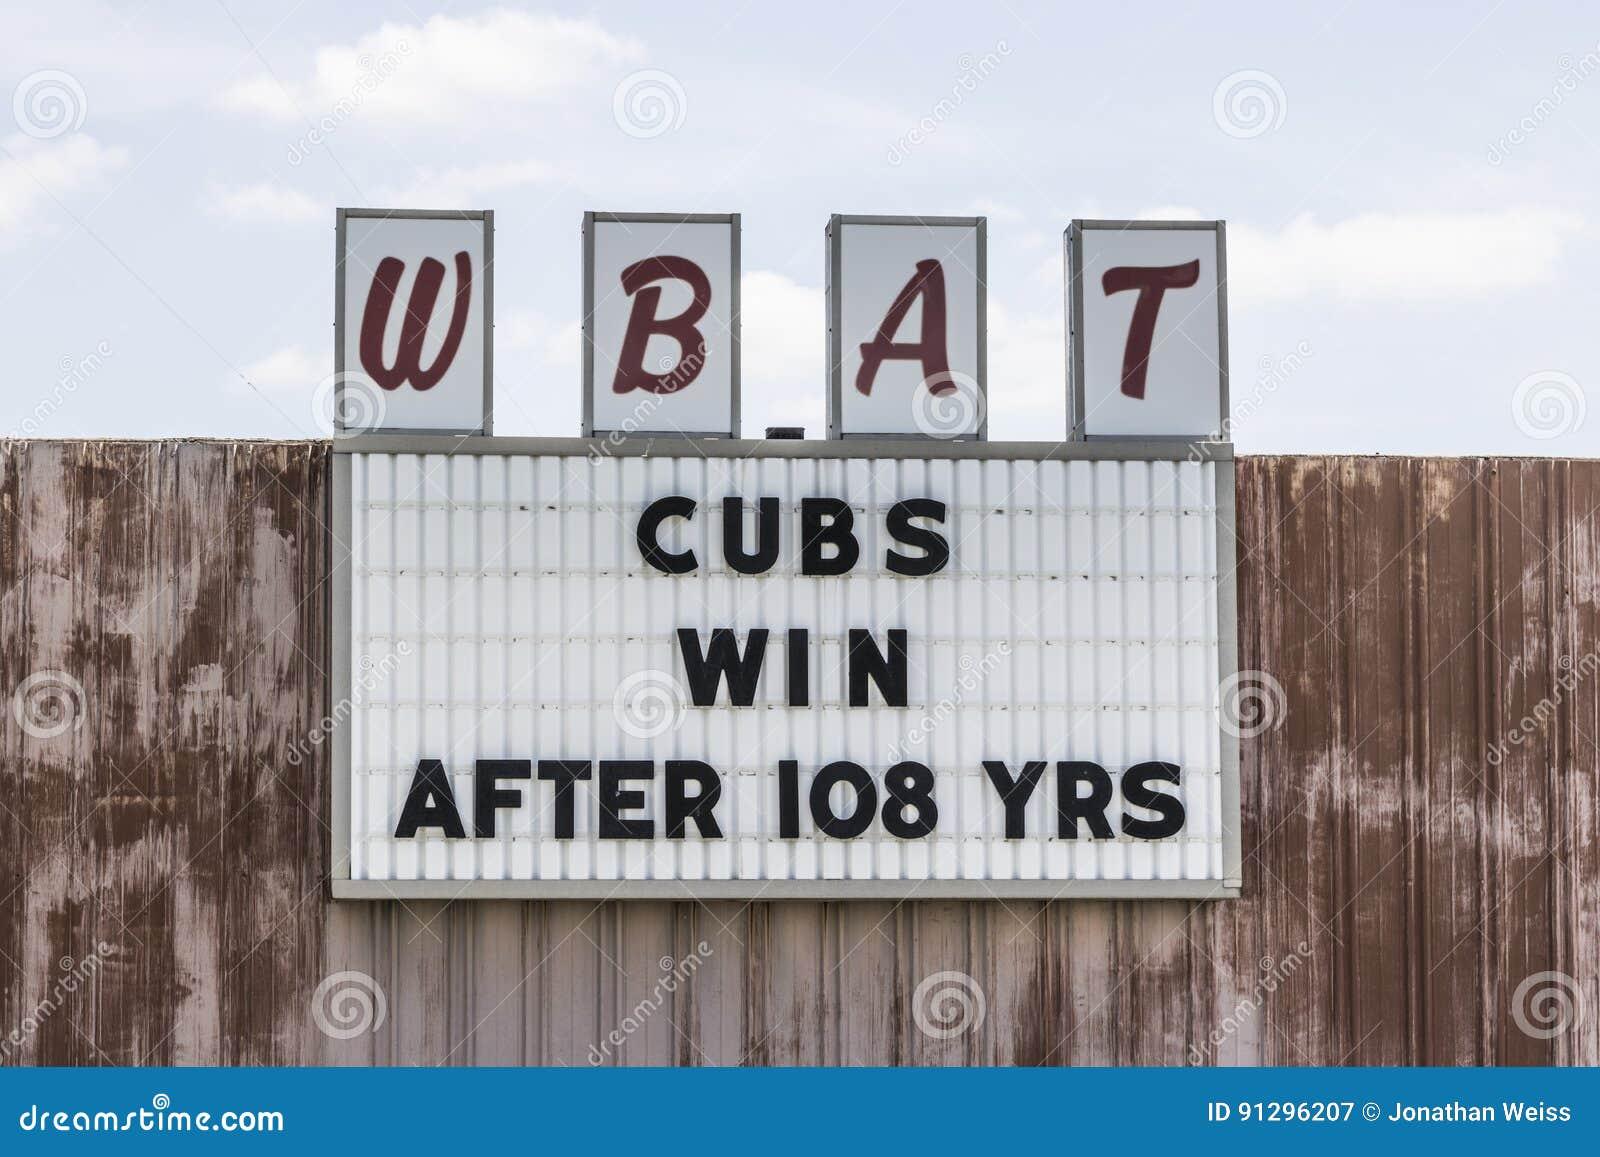 Марион - около апрель 2017: Радиостанция WBAT 1400 AM спорт празднует выигрыш i отборочных матчей чемпионата мира Чикаго Cubs